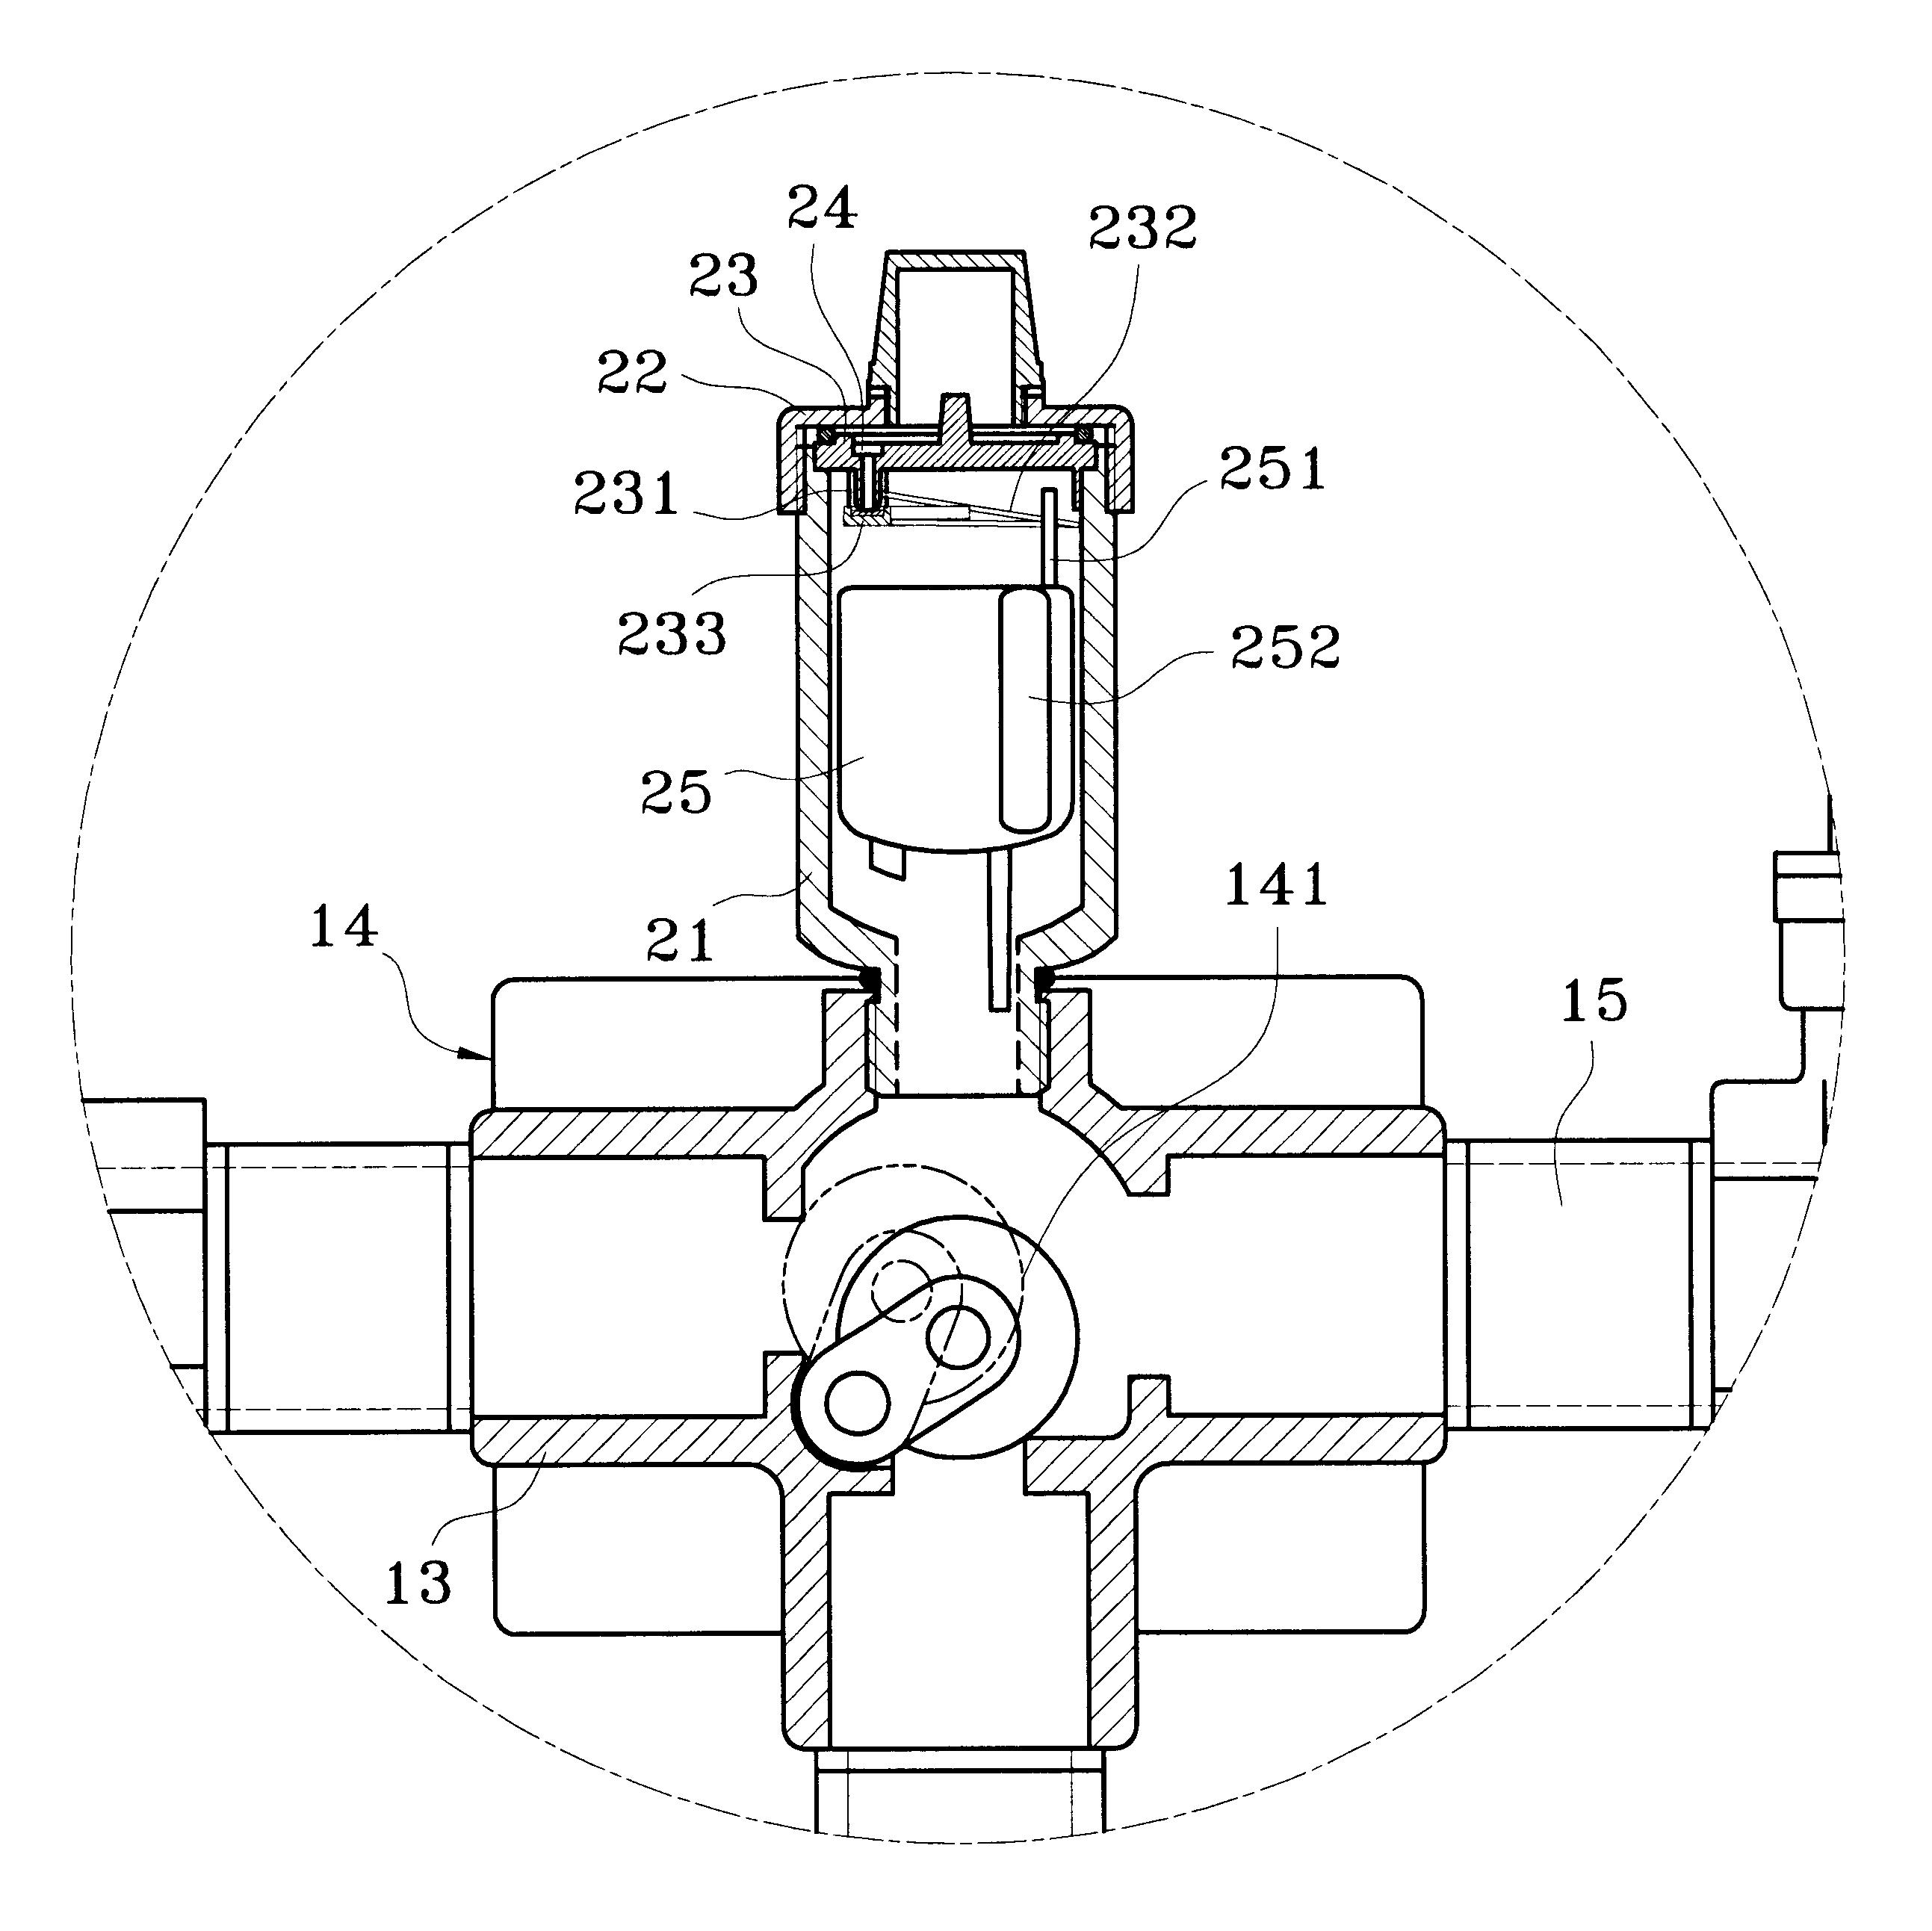 patent us6510999